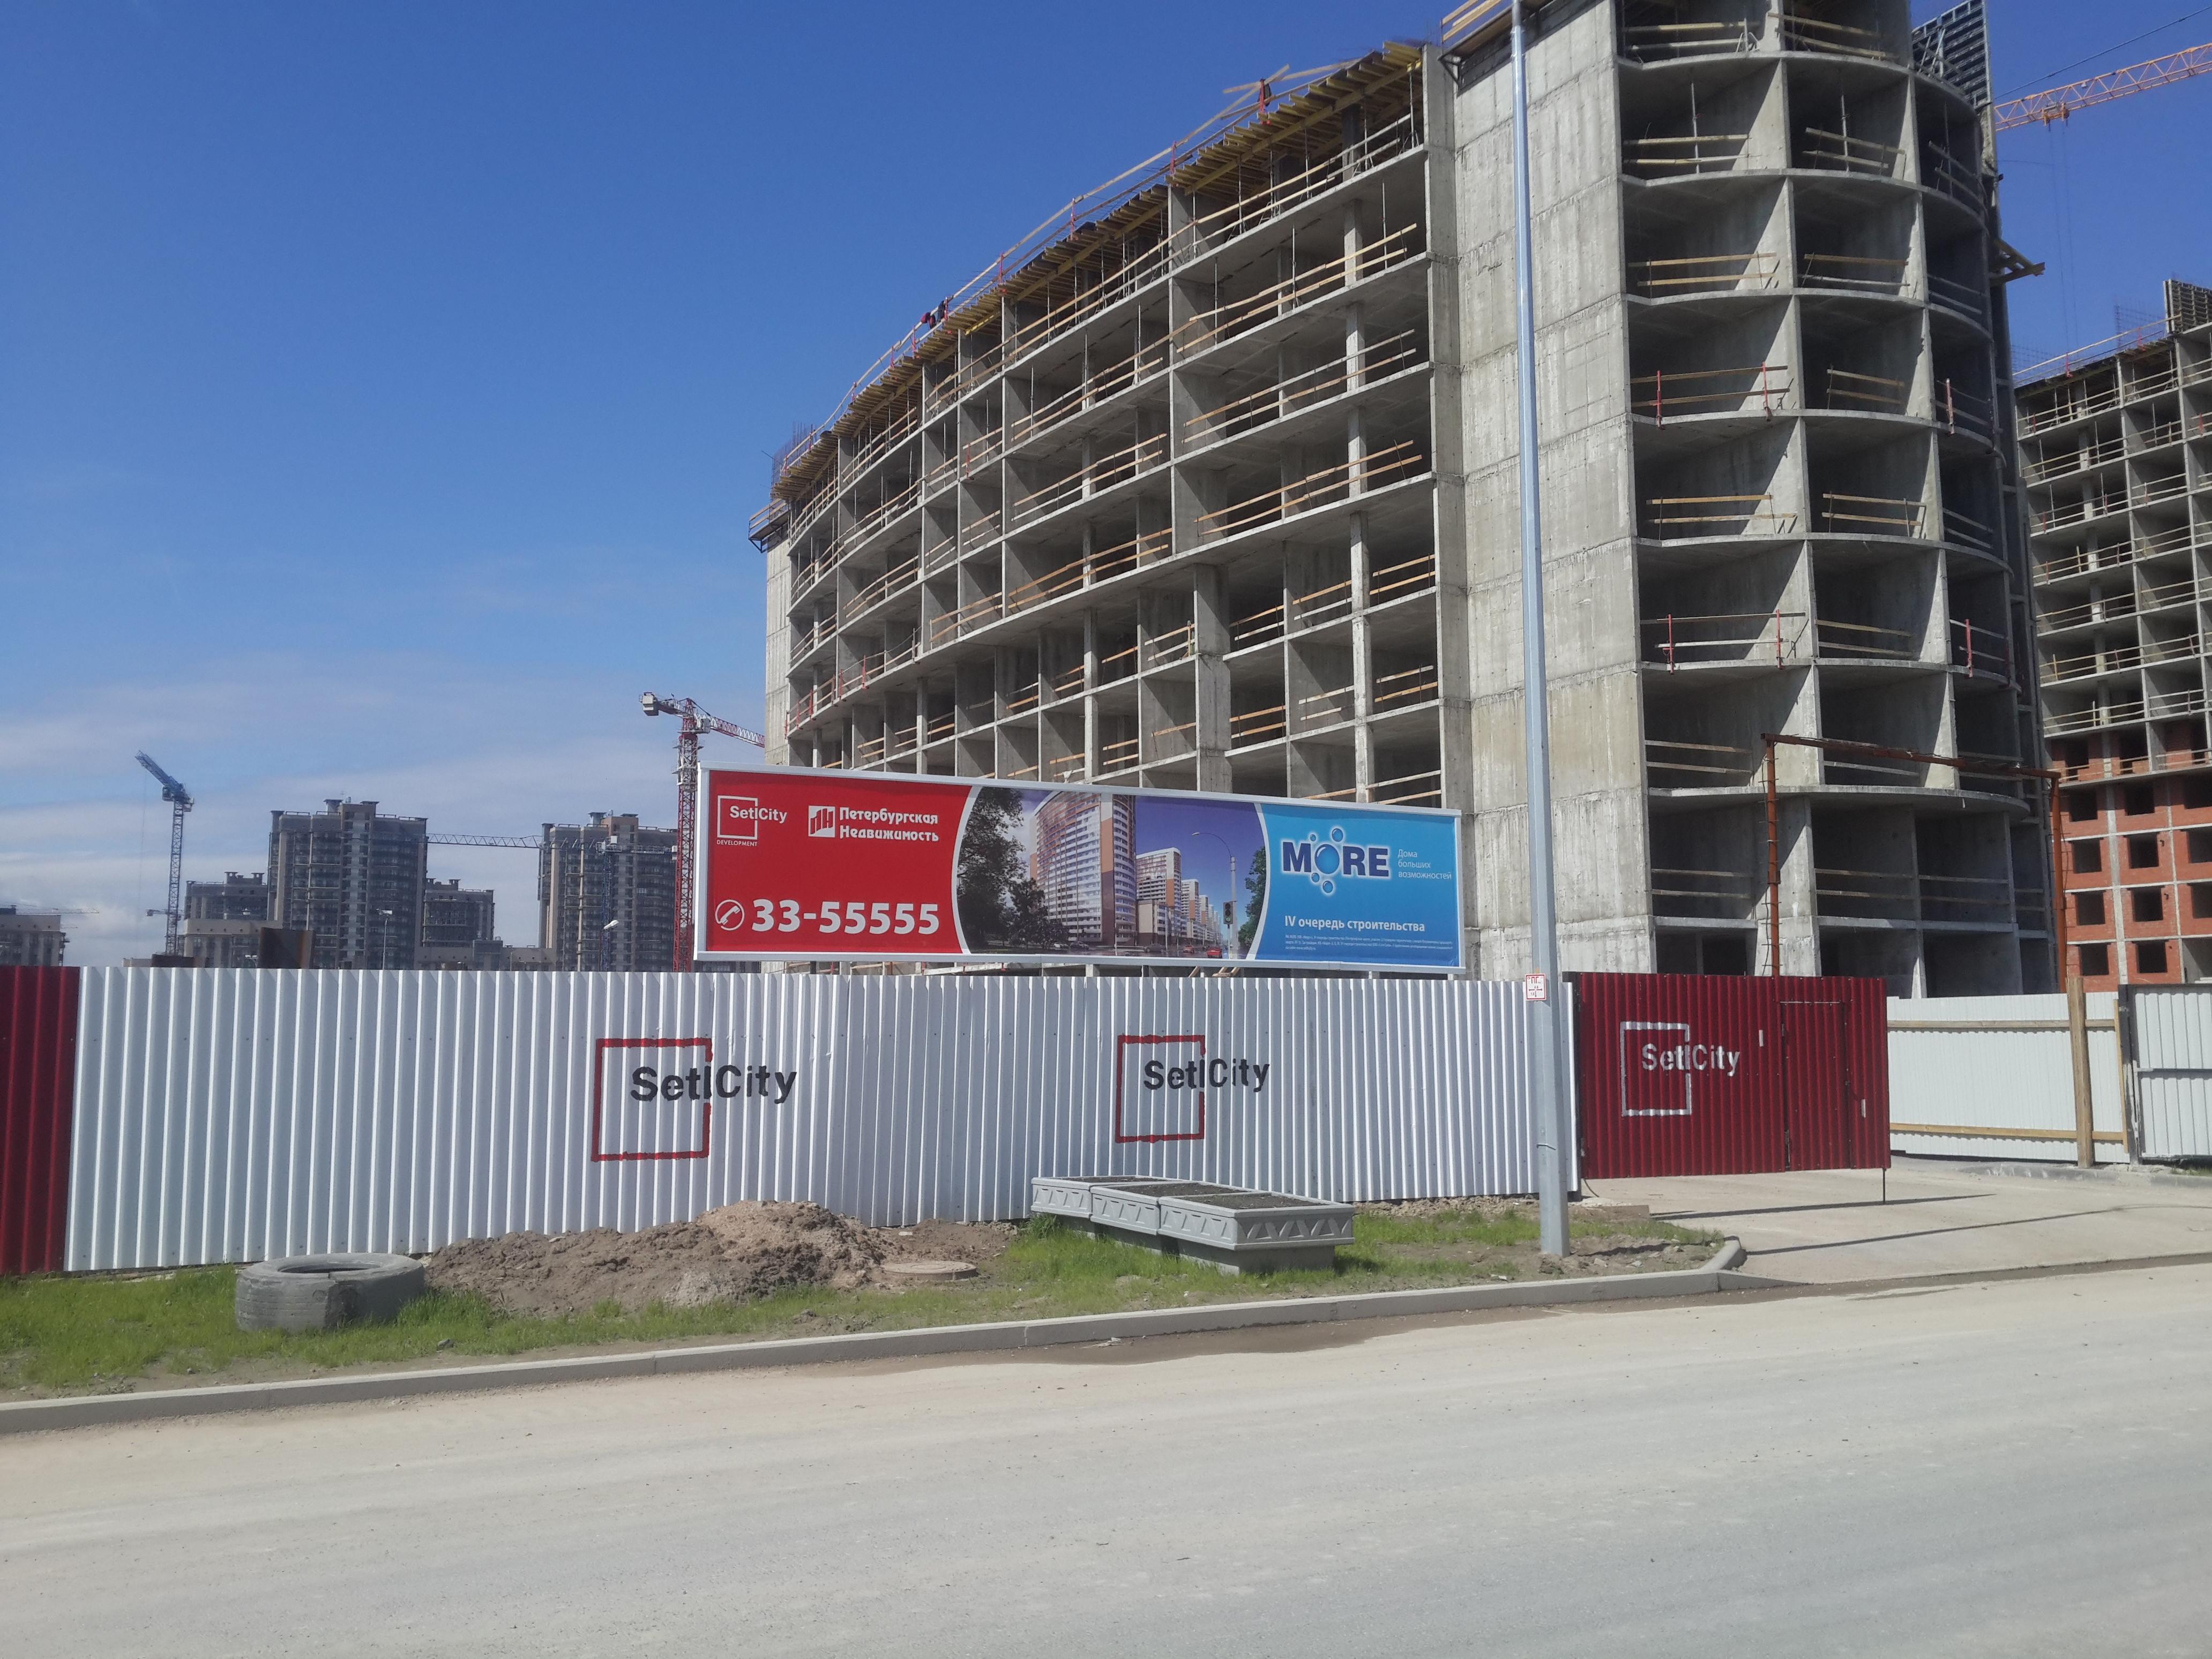 Рекламный баннер для Жилого комплекса 'Море'